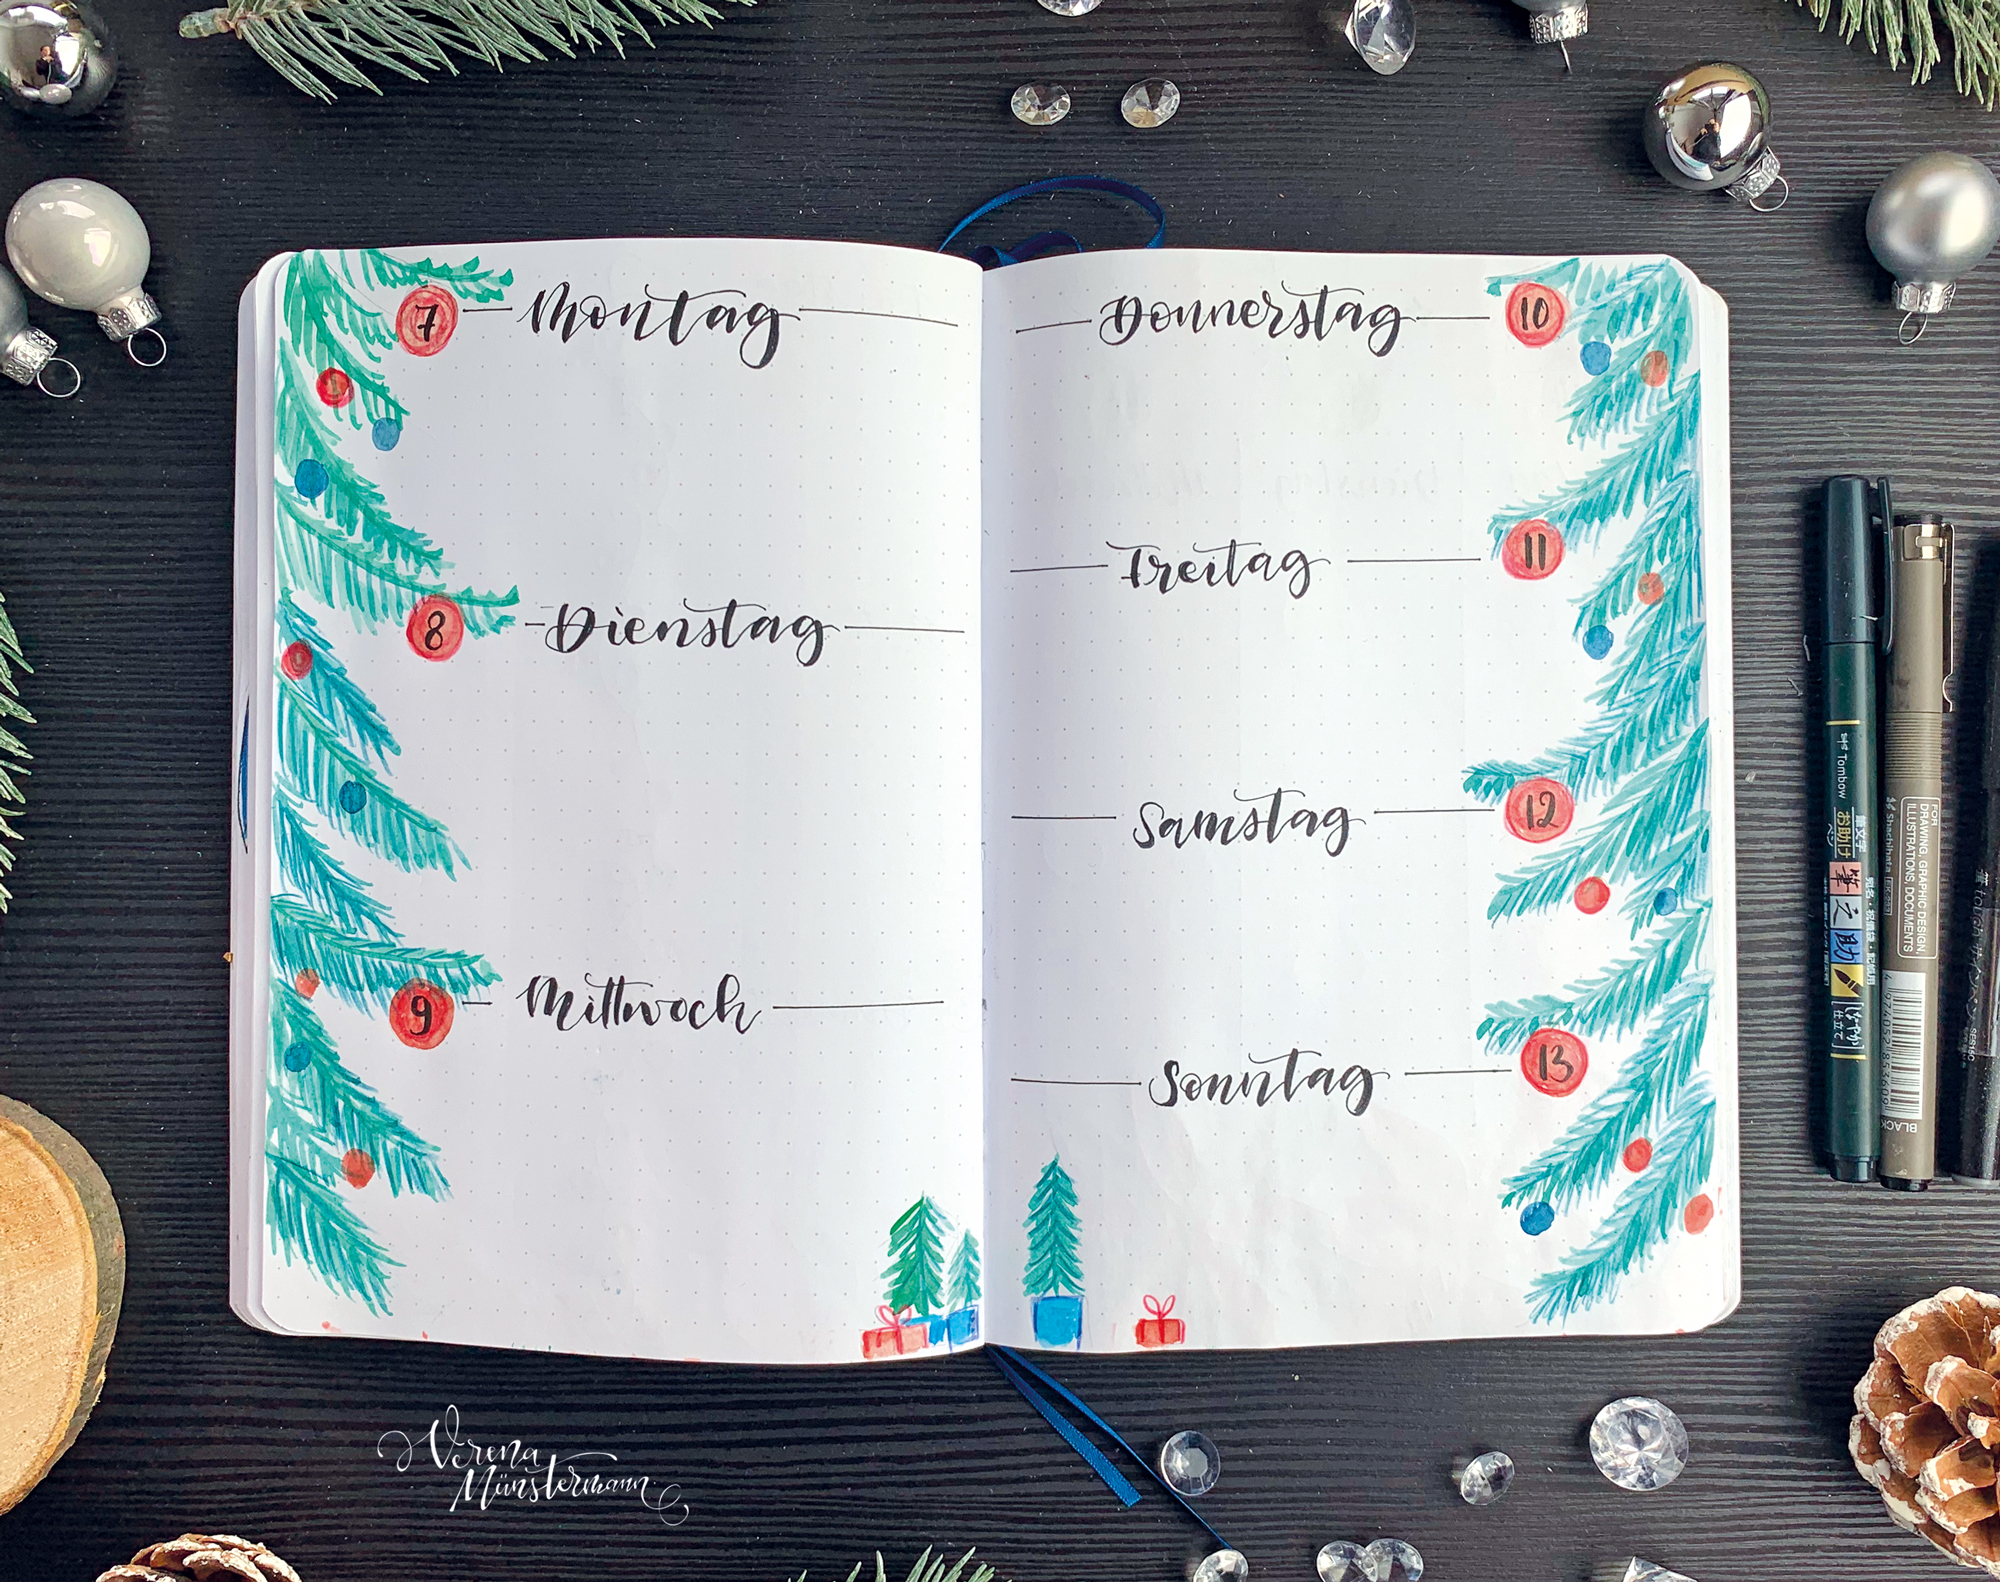 verenamuenstermann - Wochenübersicht - Dezember